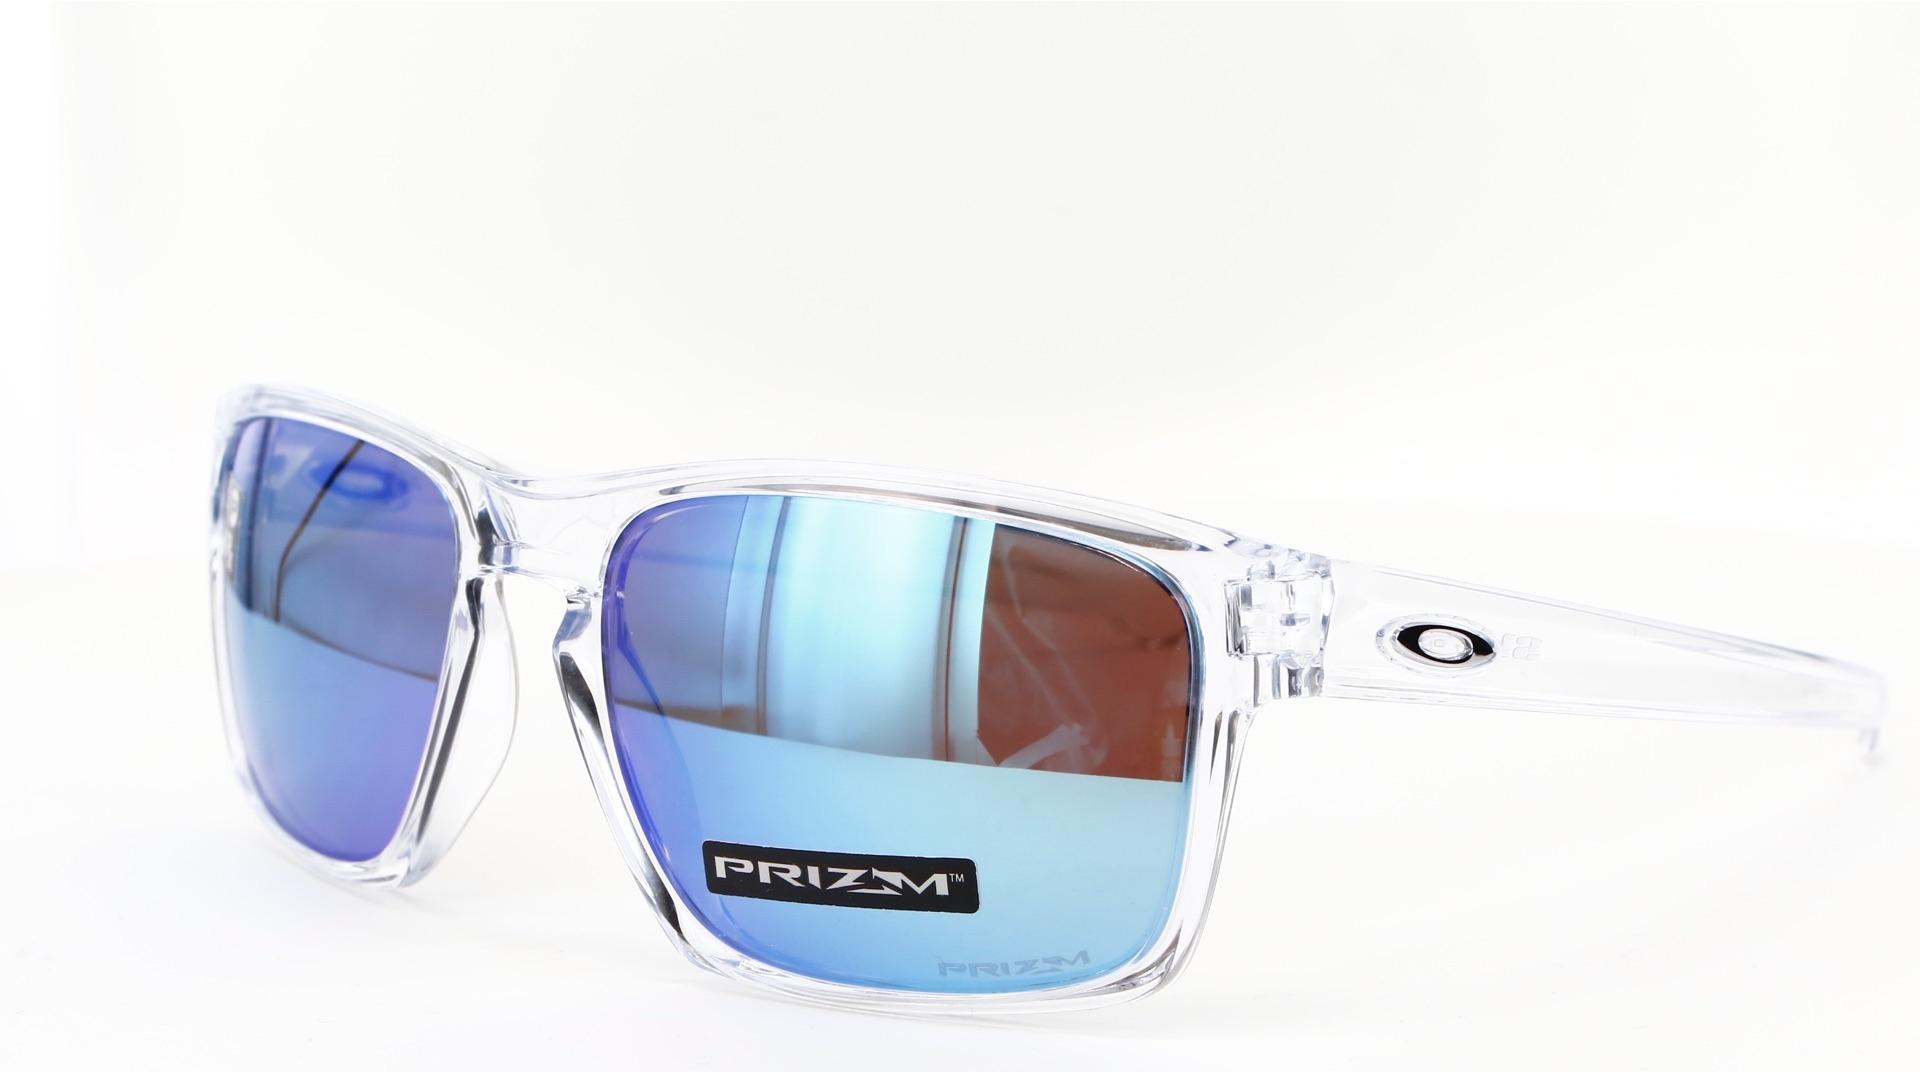 Oakley - ref: 74065